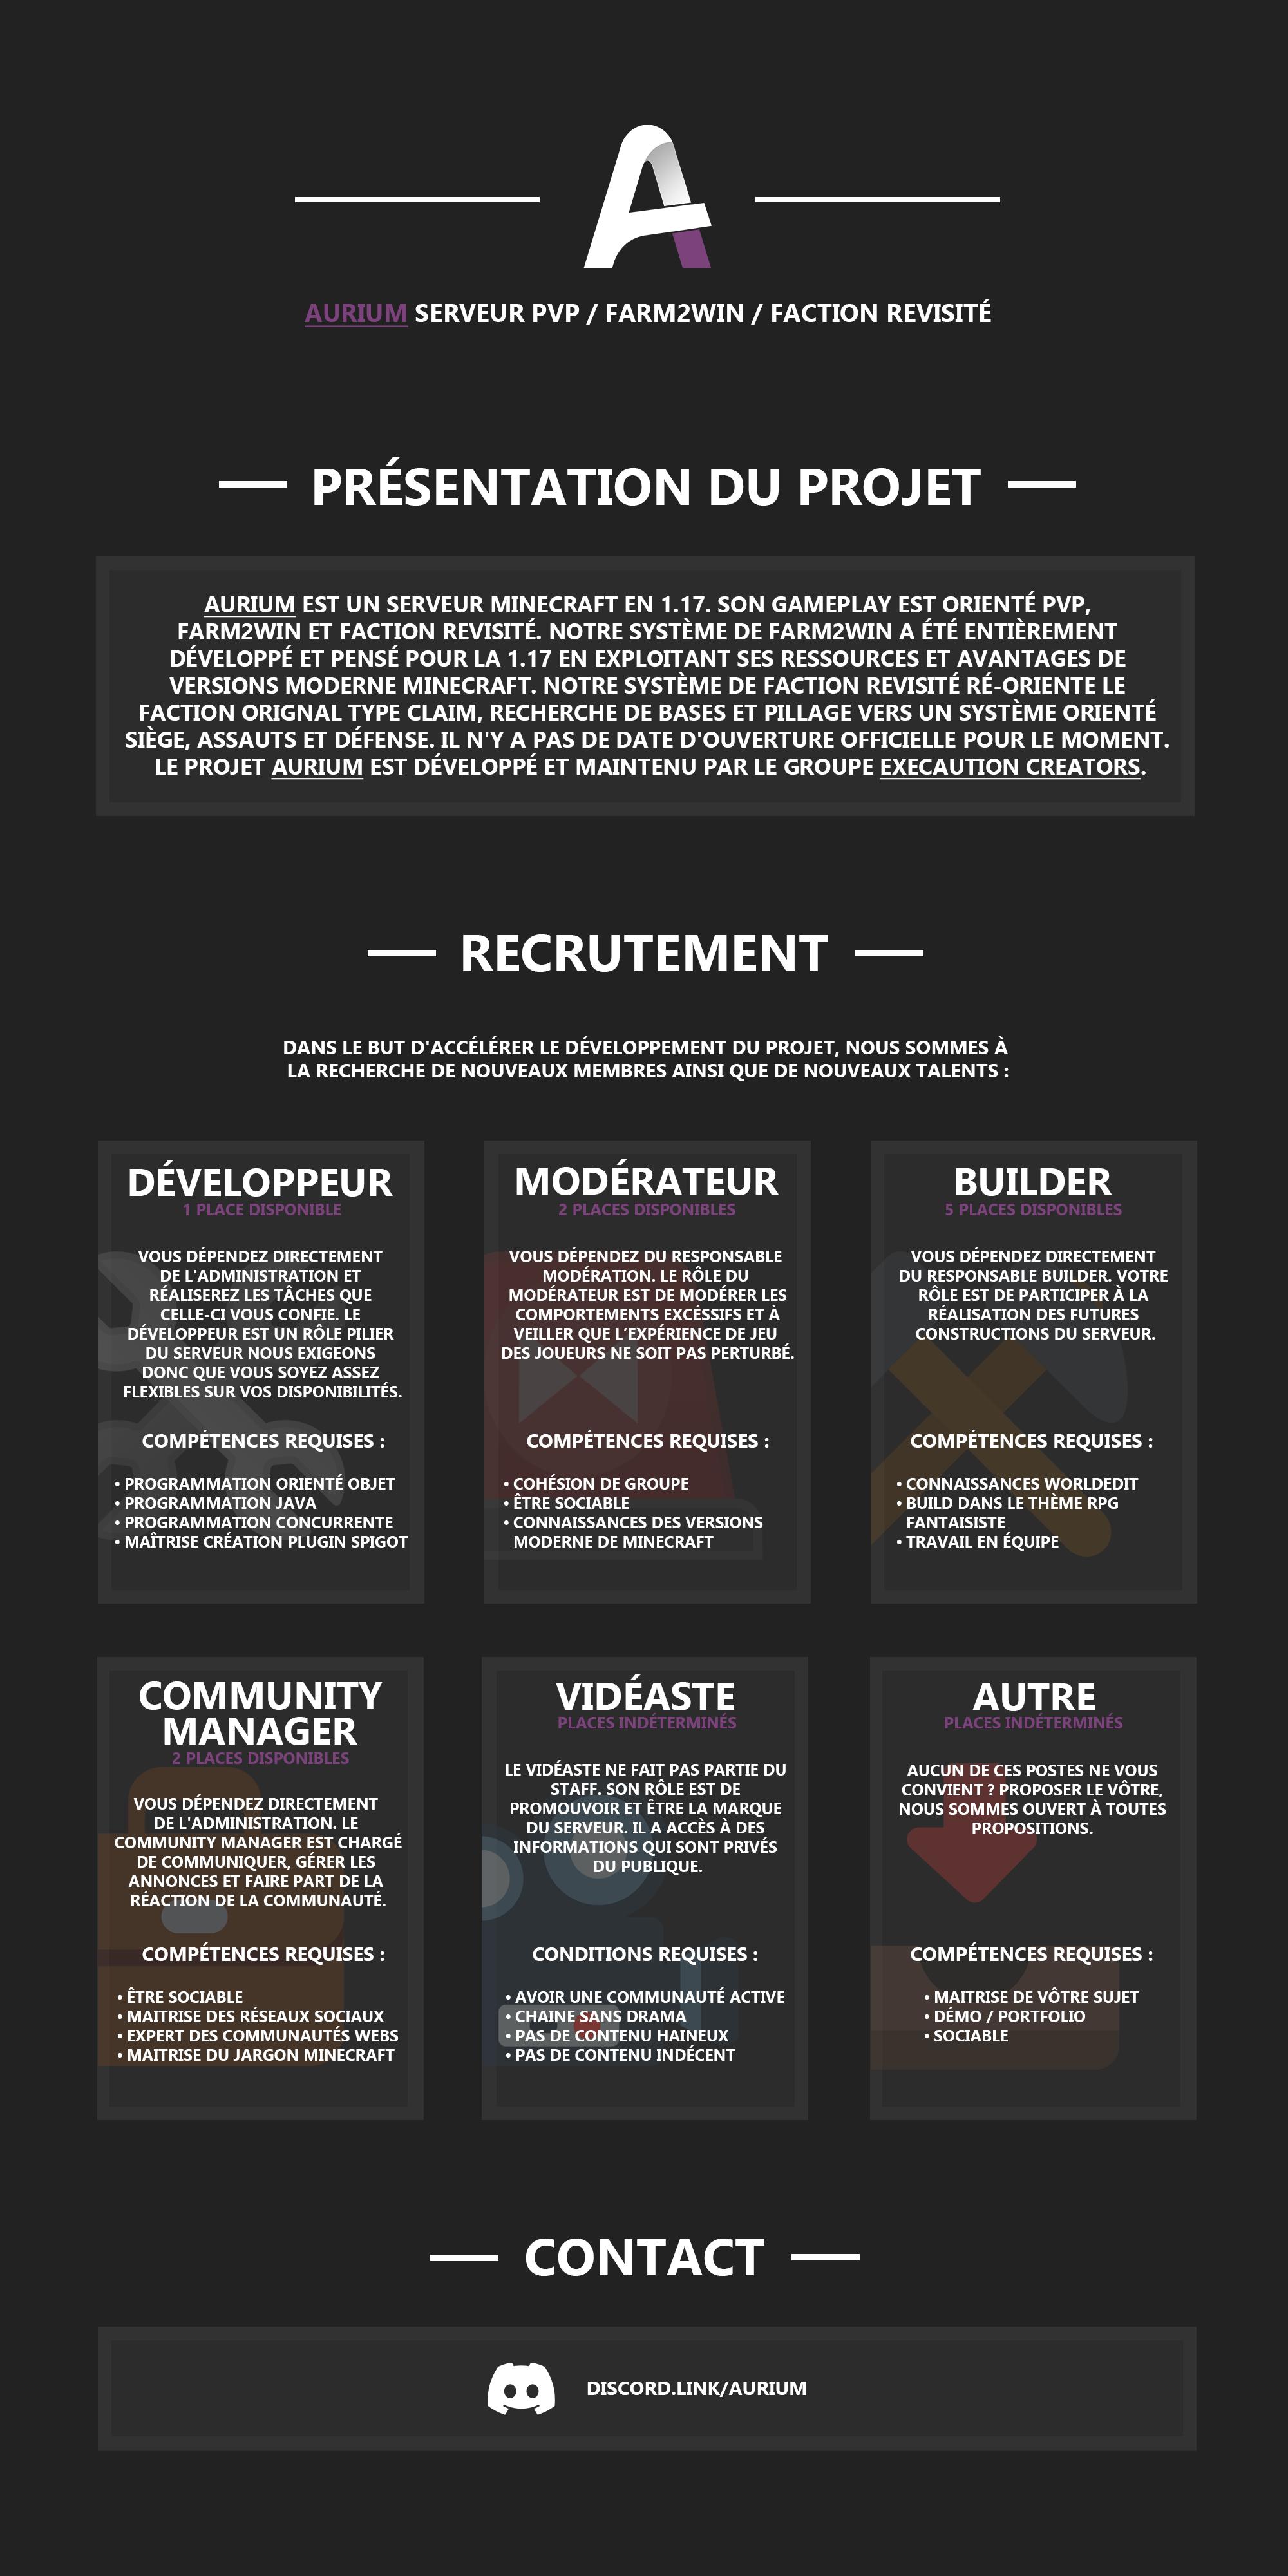 Recrutement_Serveur.png